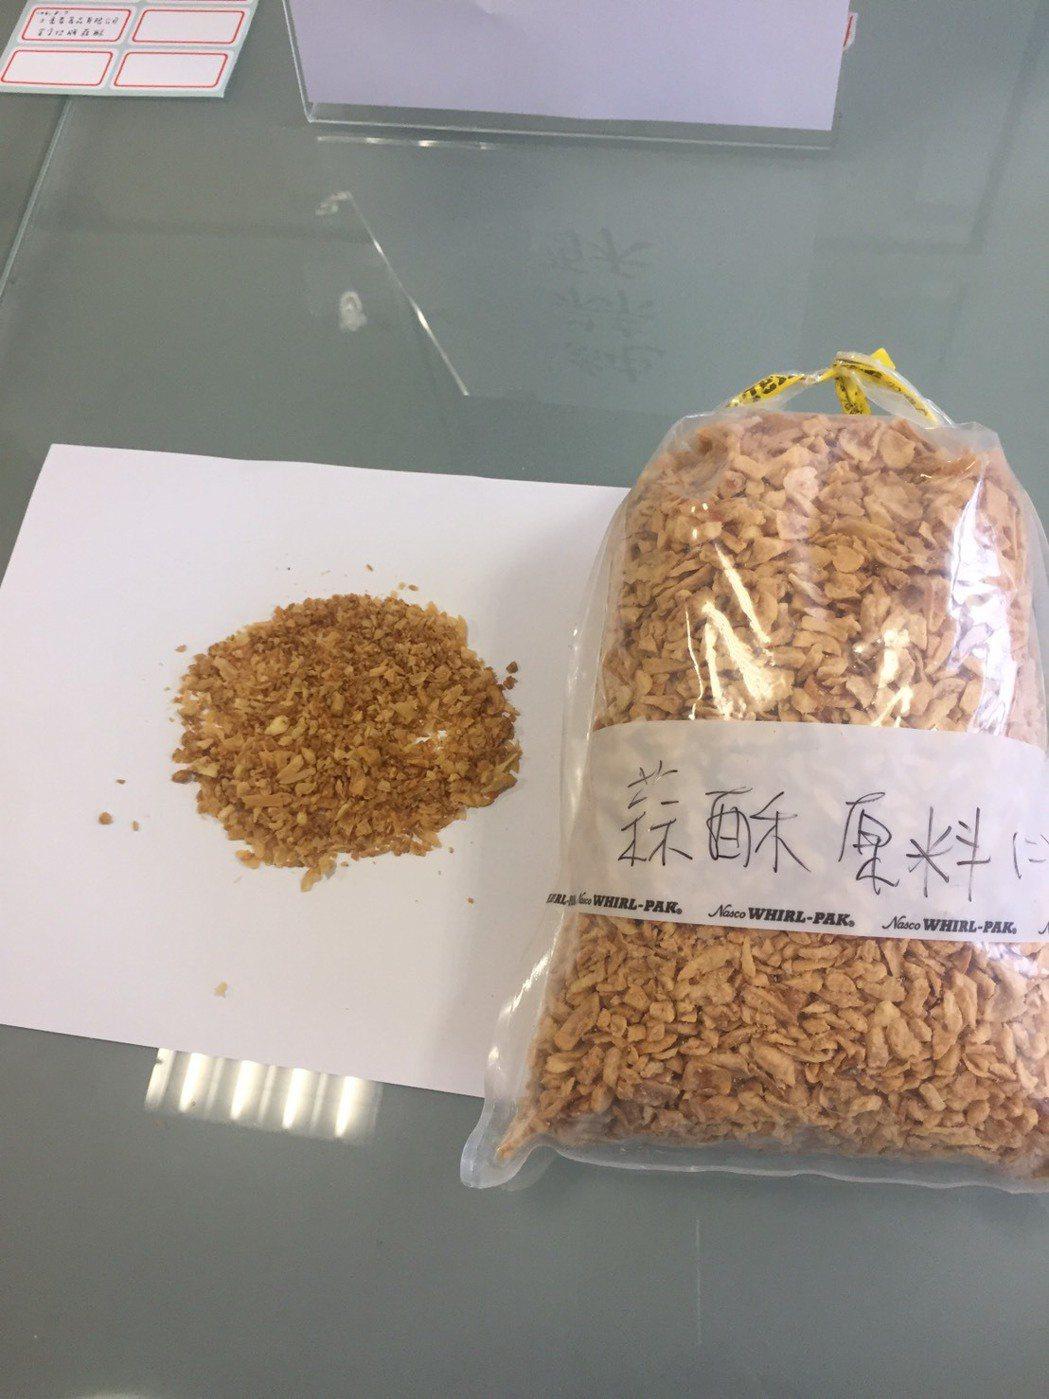 衛生局人員帶回蒜酥原料。圖/彰化衛生局提供